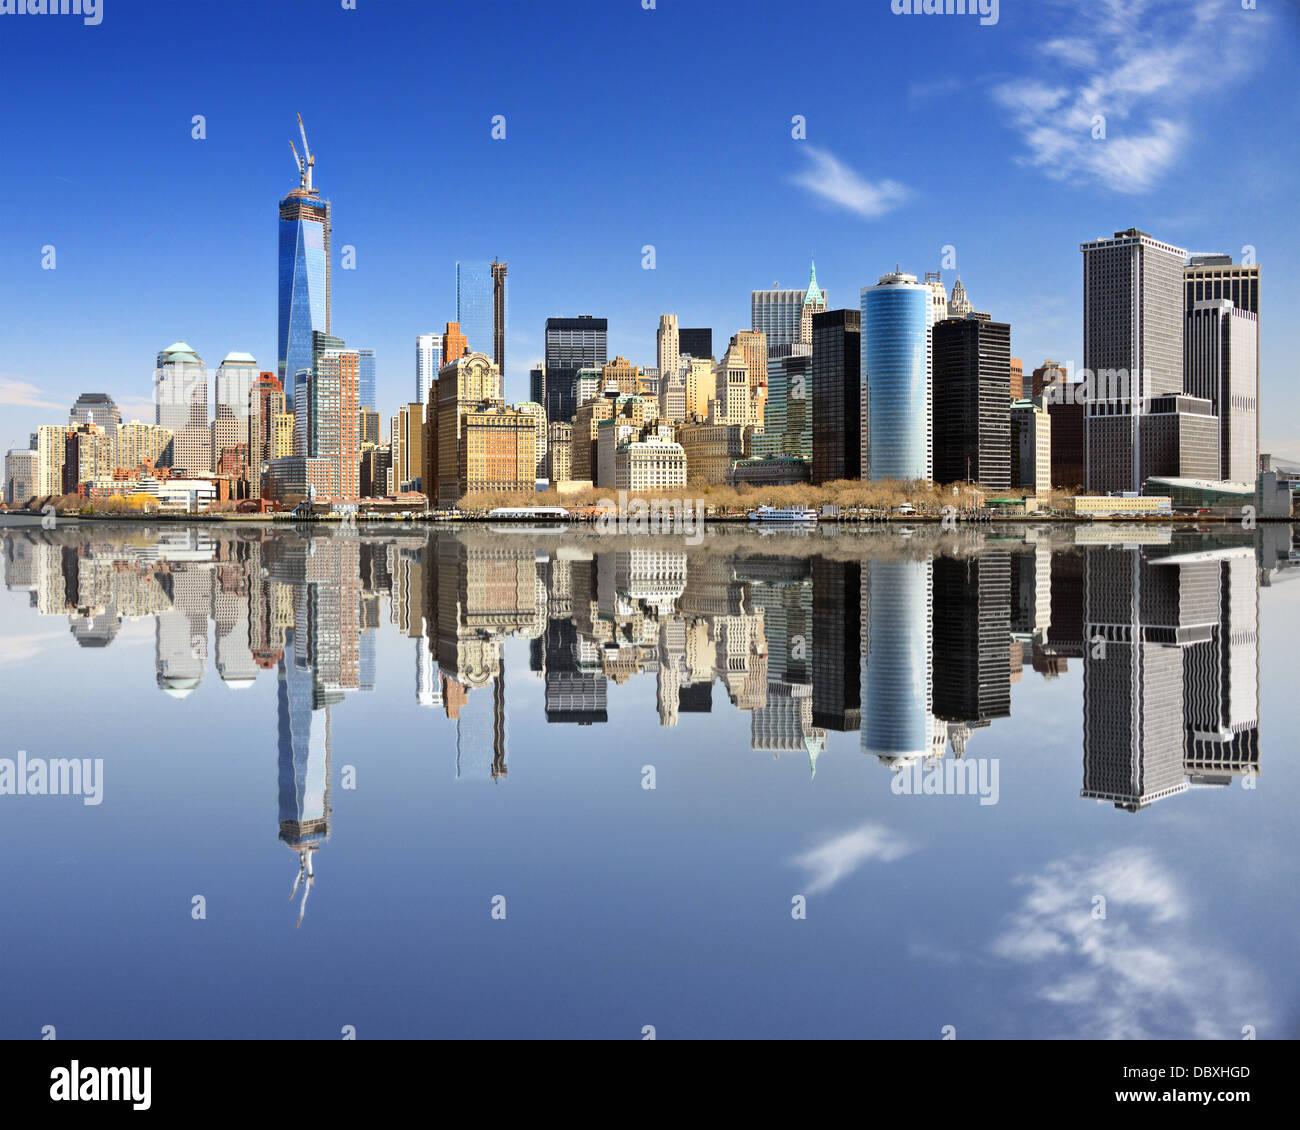 La Ciudad de Nueva York, en el Bajo Manhattan con reflexiones. Imagen De Stock